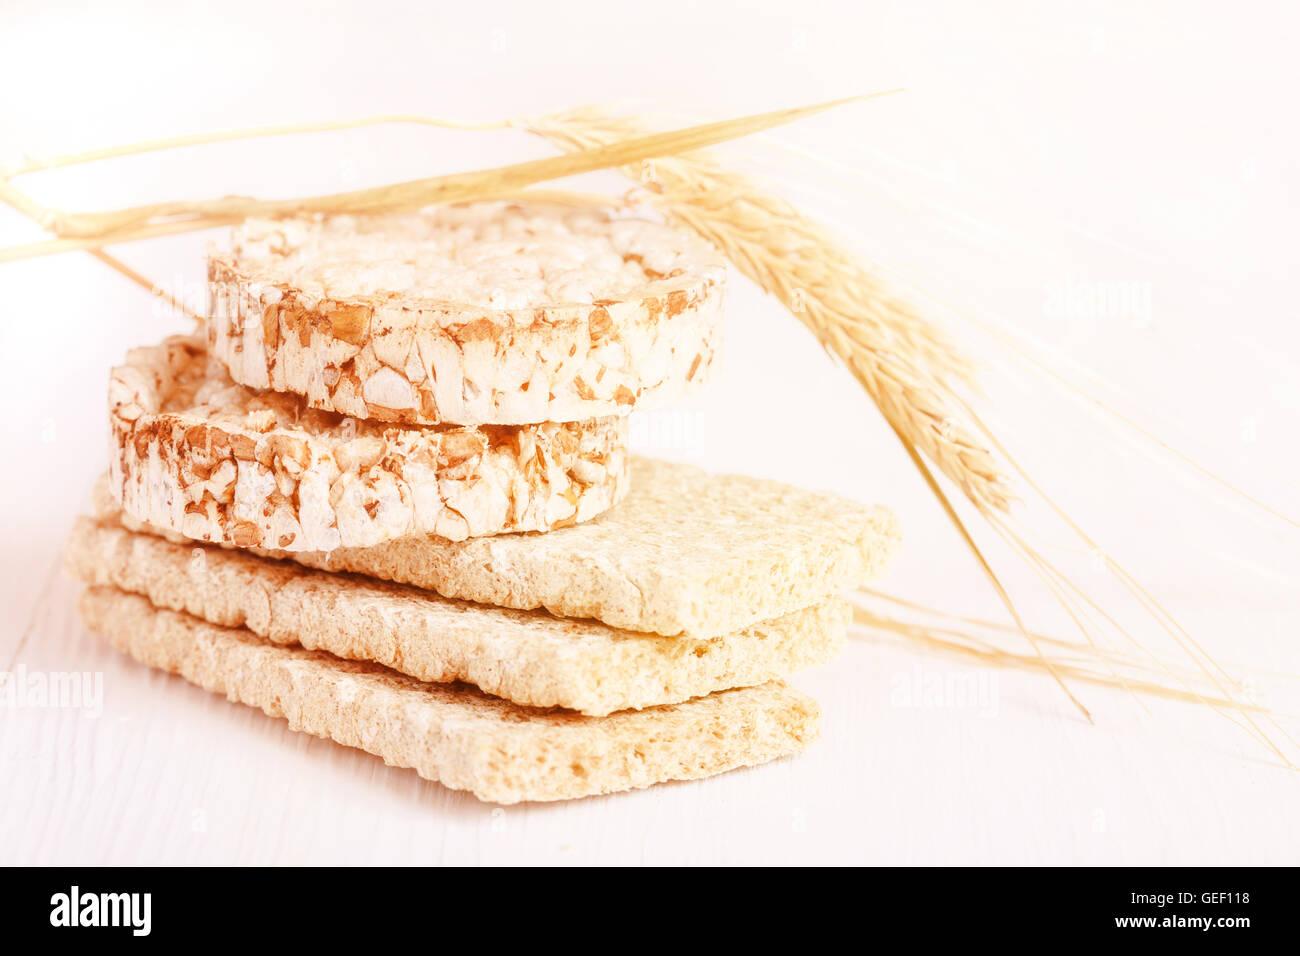 Un régime alimentaire faible apport calorique craquelins de blé sur fond blanc Photo Stock